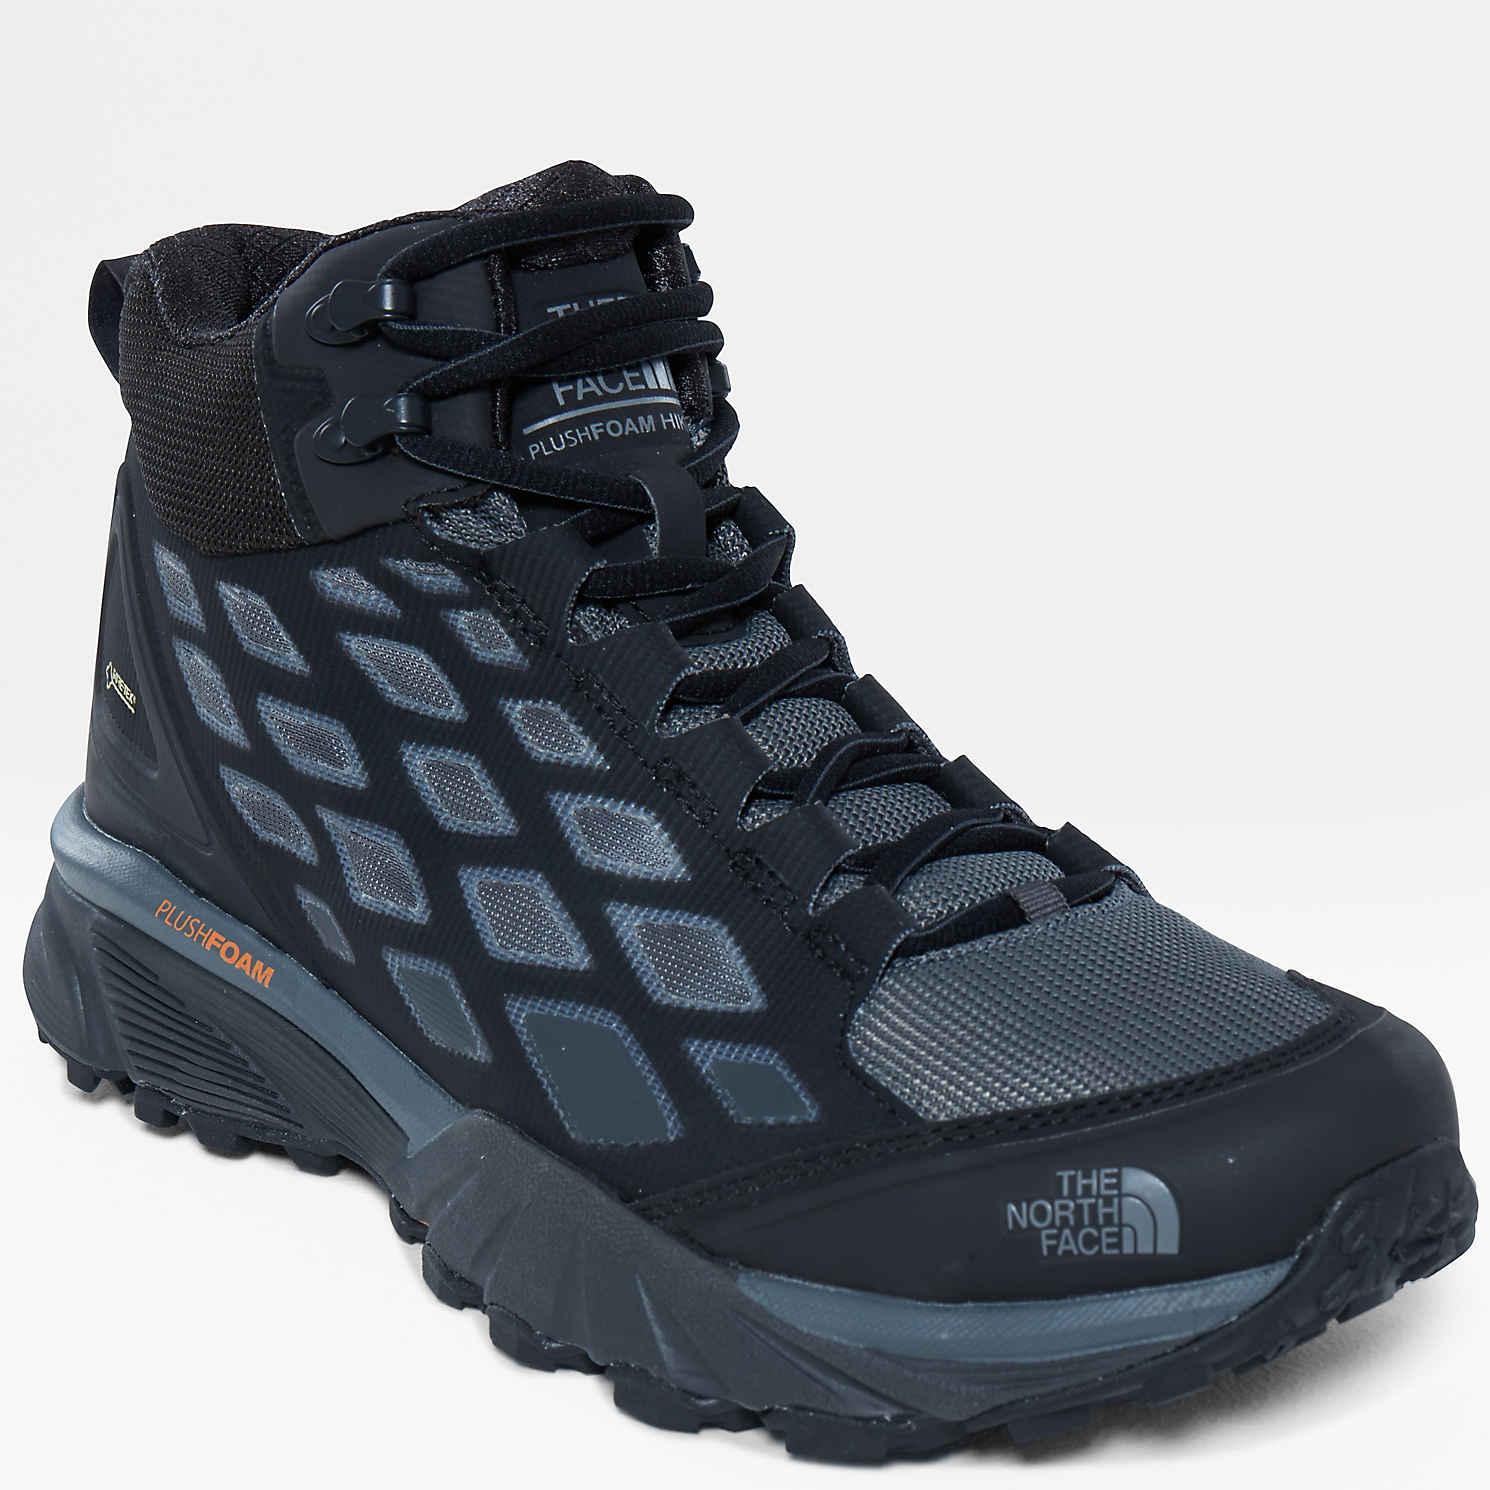 בלתי רגיל WALK IN נעלי הרים |נעלי טיולים |נעלי הליכה ומסעות - יצרנים: Vibram VB-57